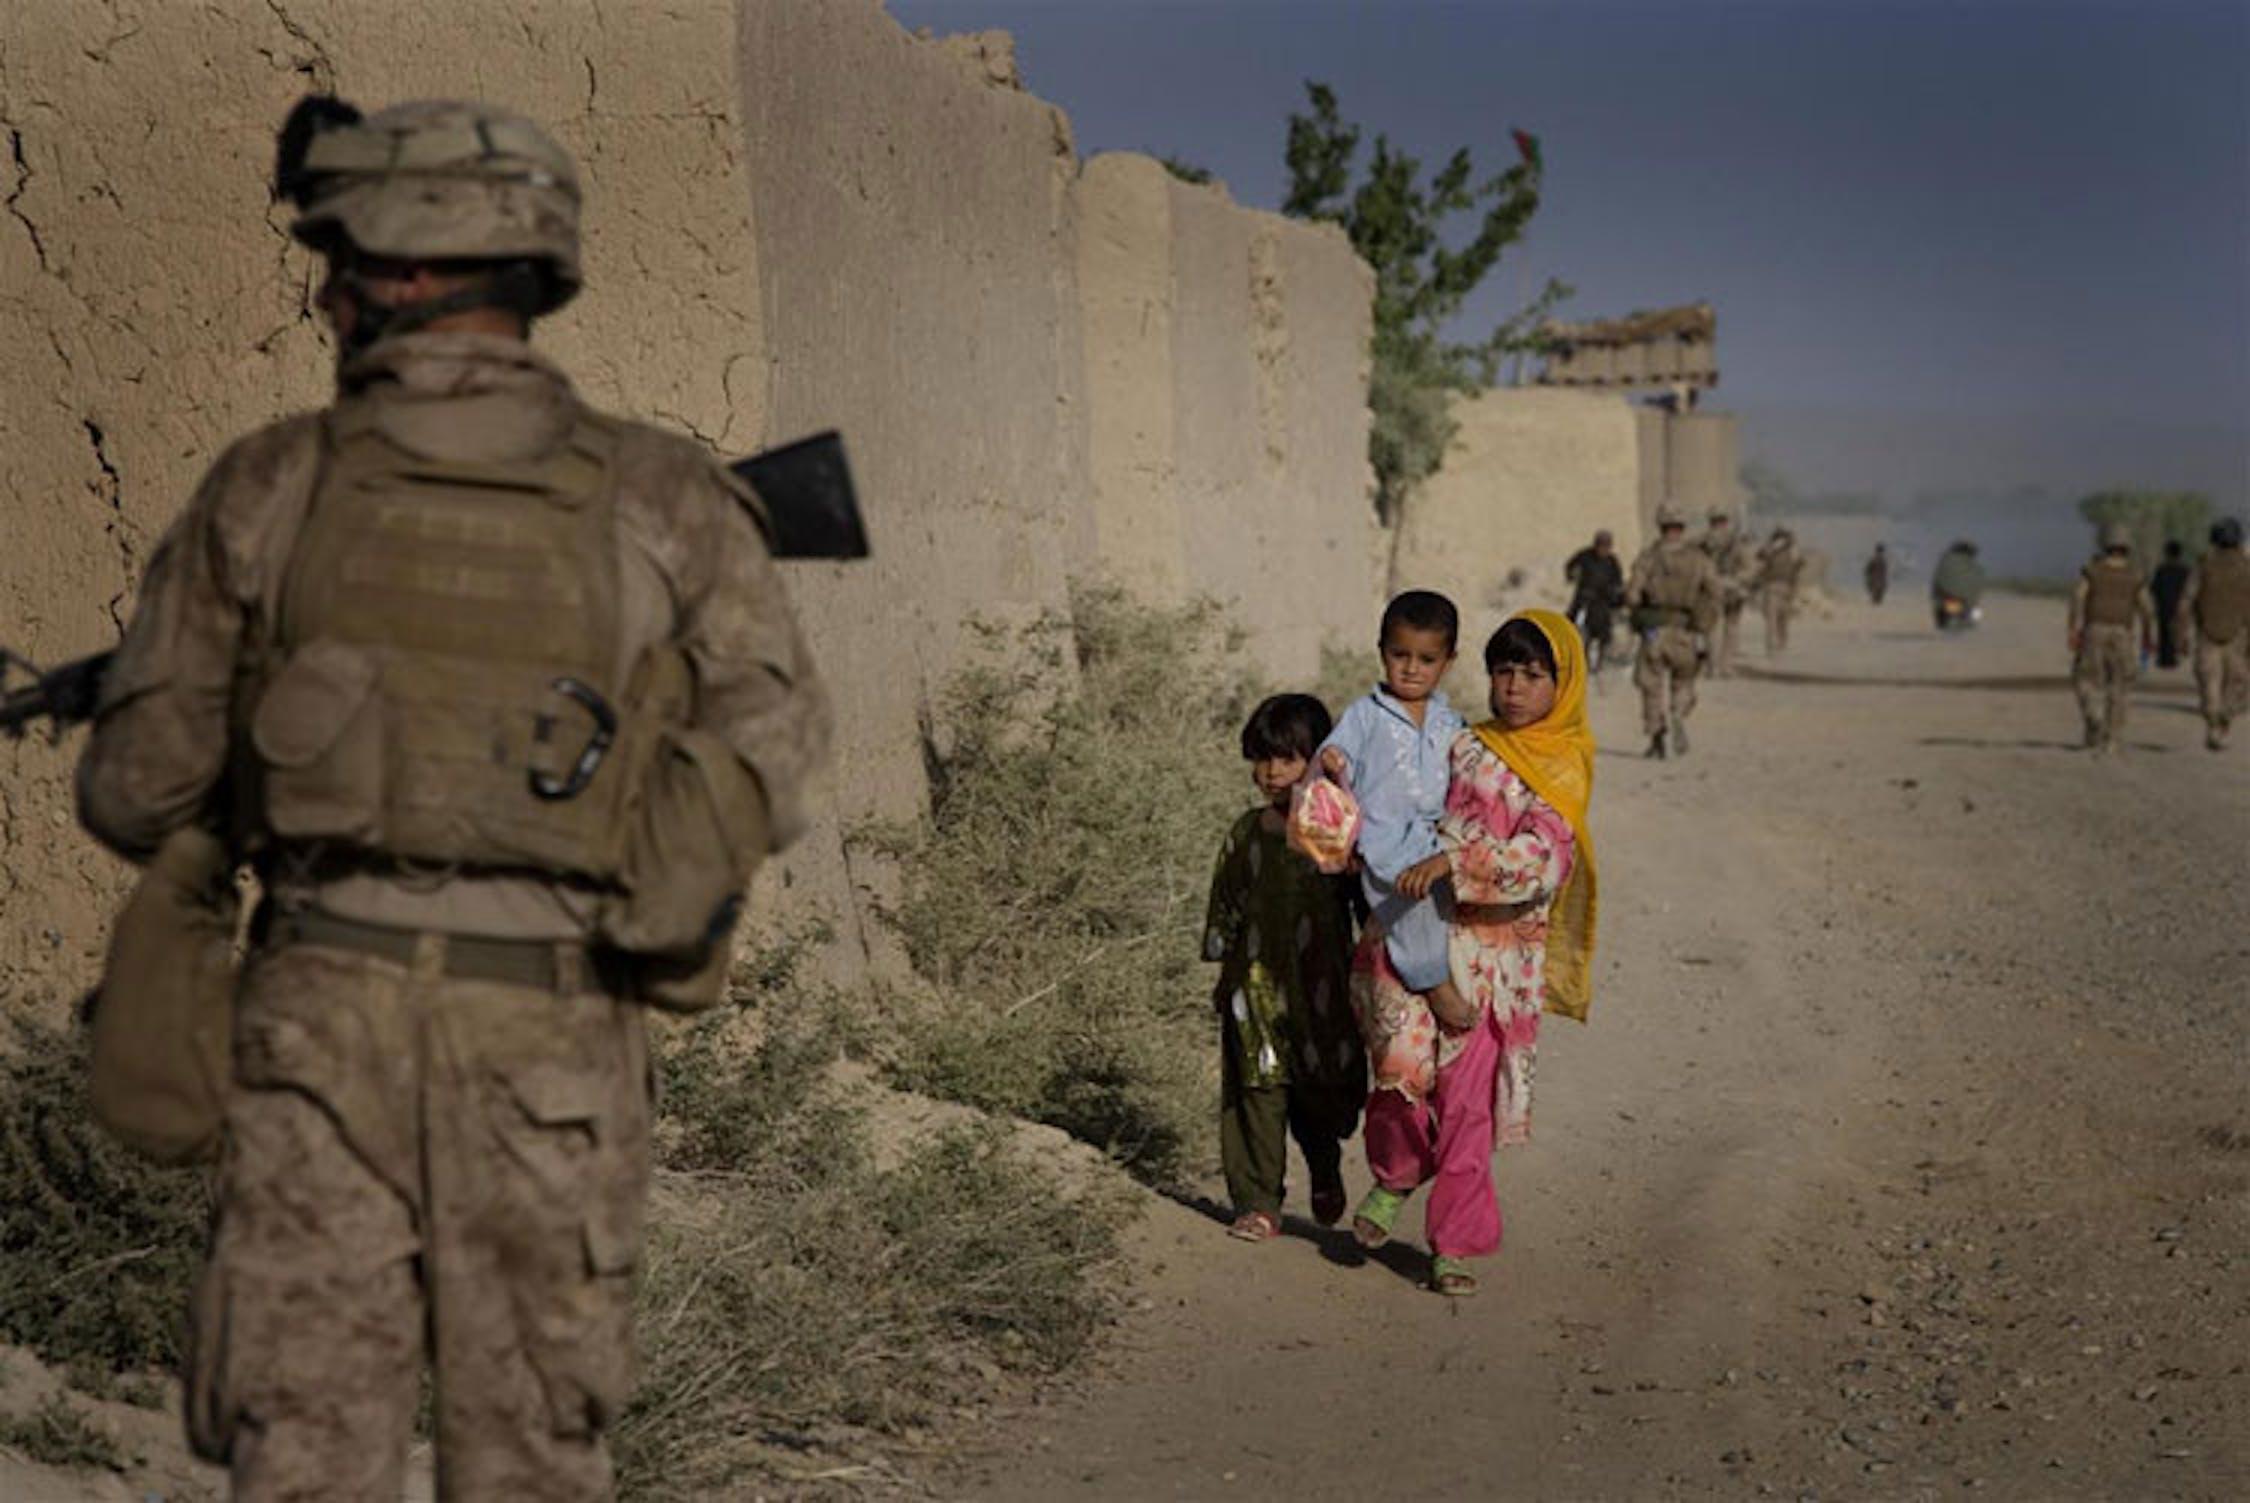 Un militare americano e un gruppo di bambini in una strada di Germsir Bazaar, nella provincia di Helmand (Afghanistan), crocevia dei traffici di armi e oppio - ©UNICEF/NYHQ2010-0792/Holt